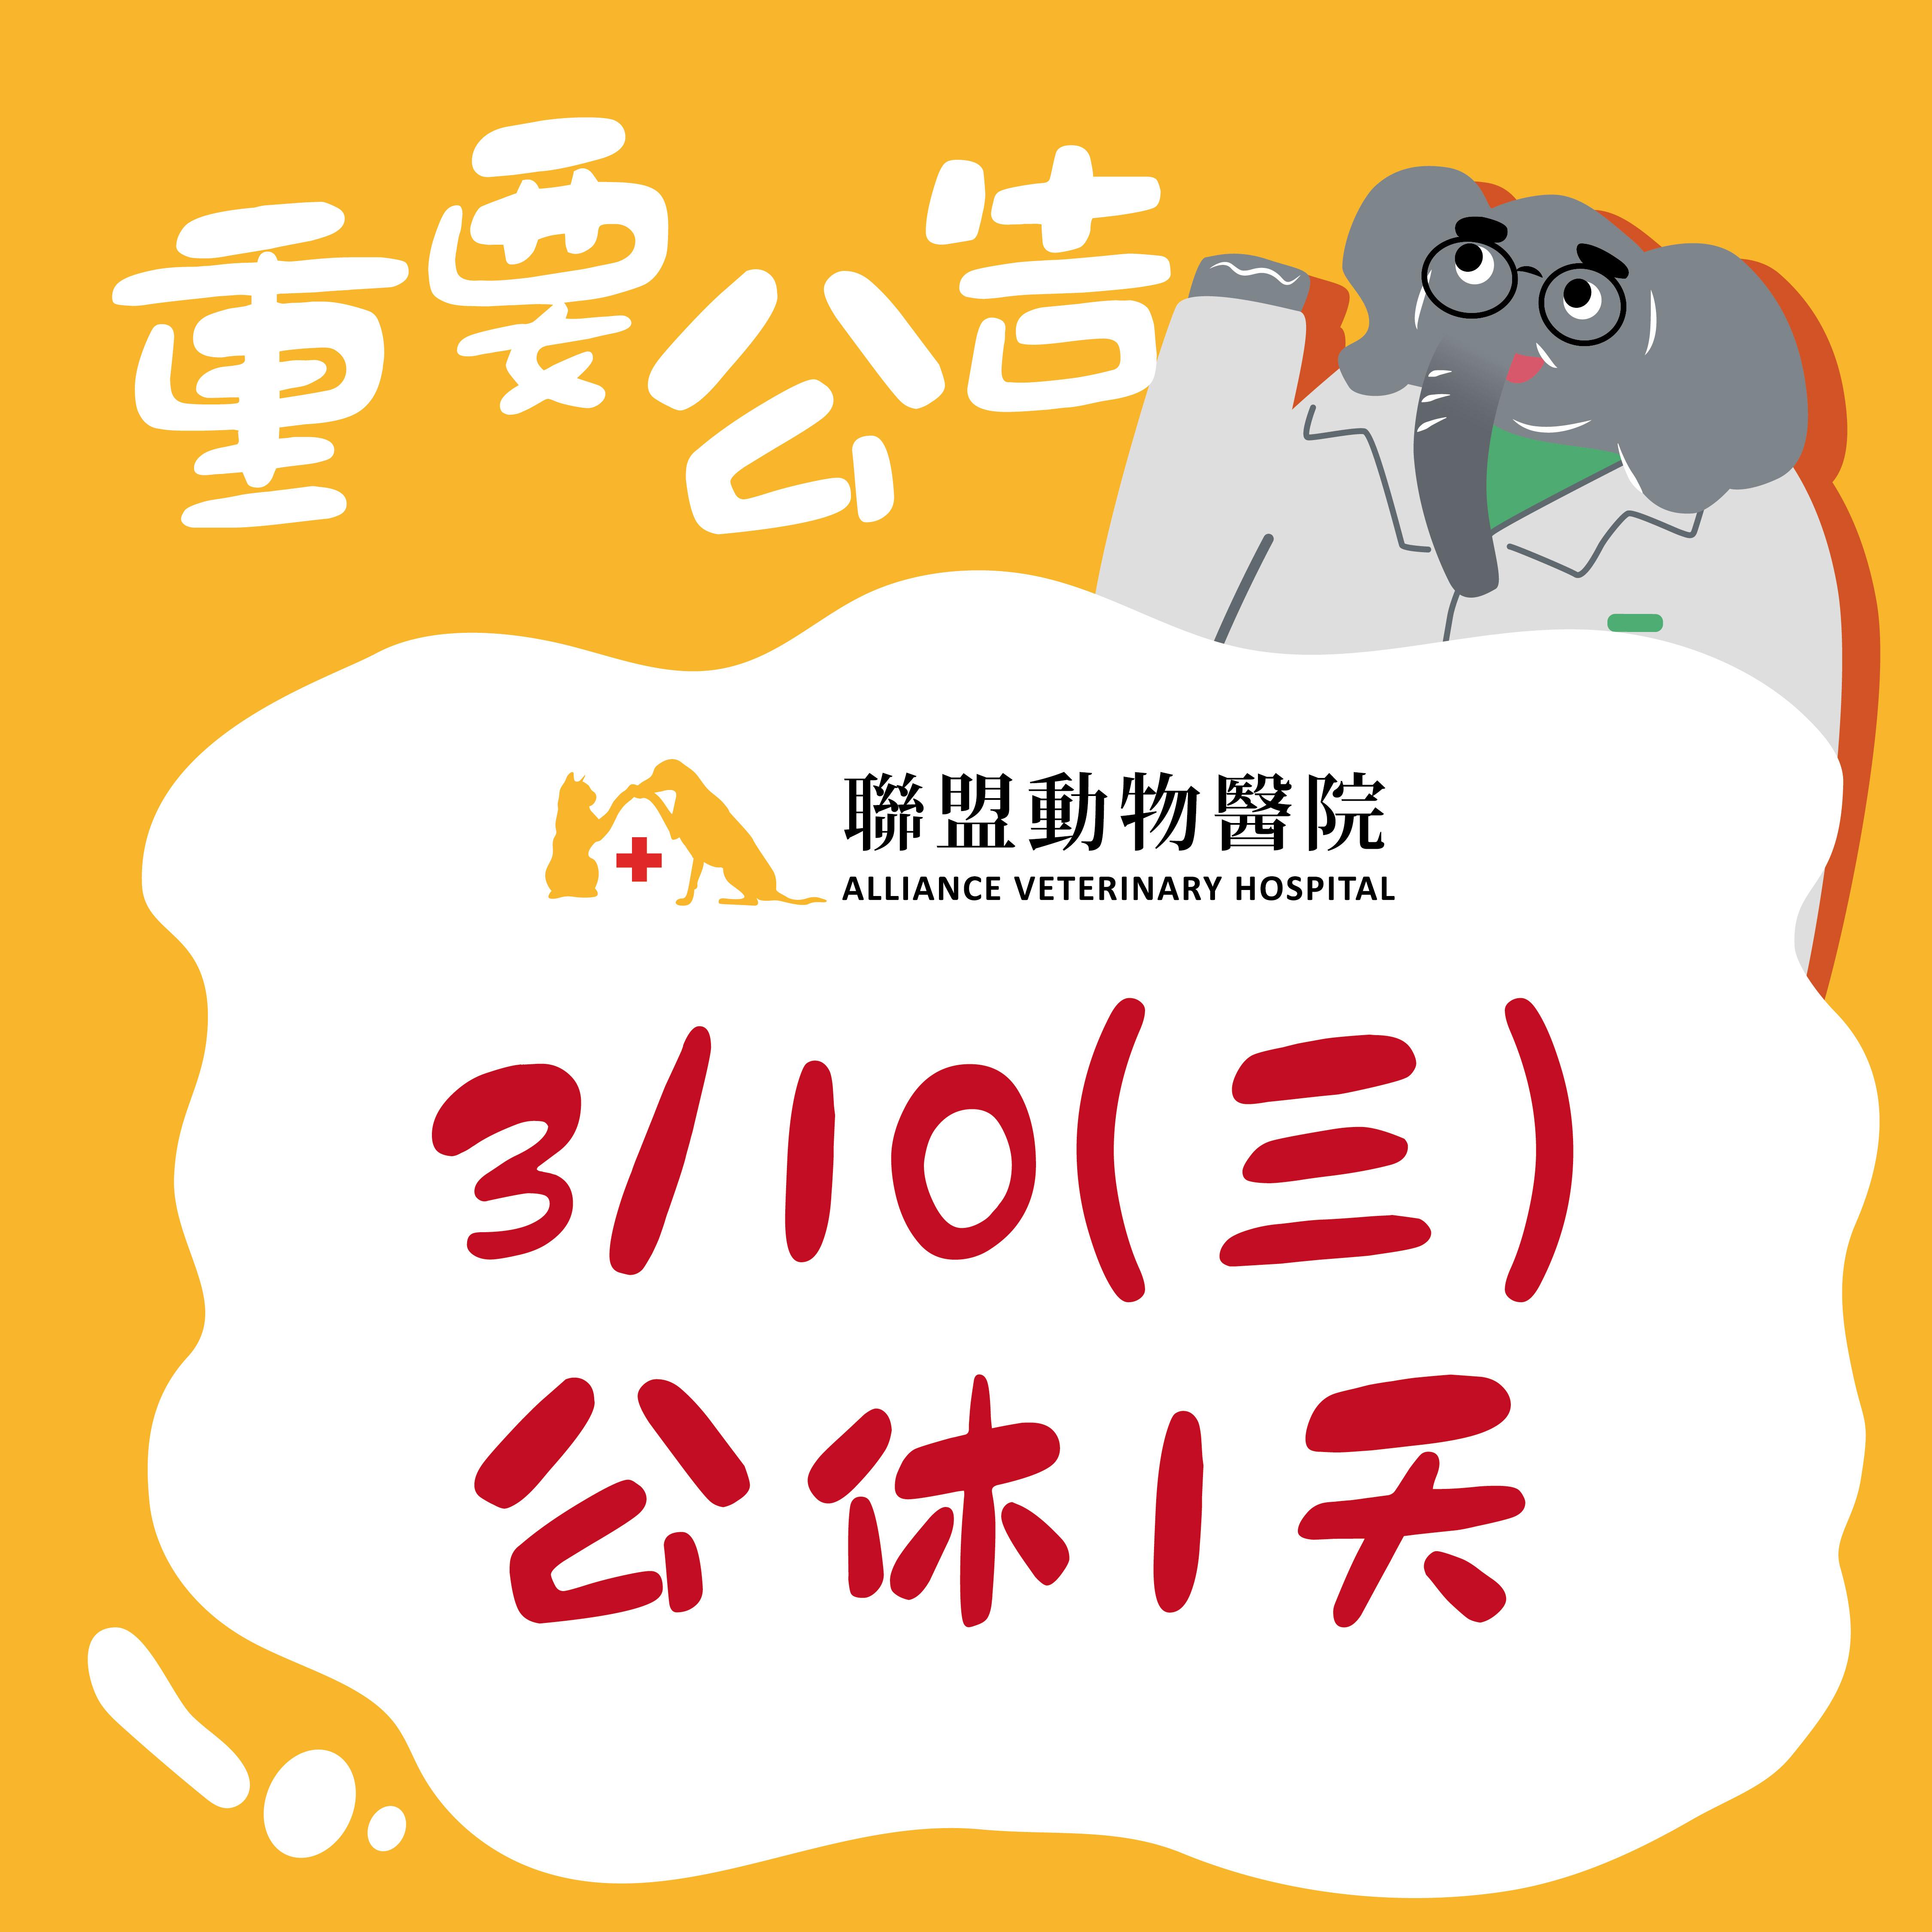 3/10(三) 聯盟動物醫院 公休一天